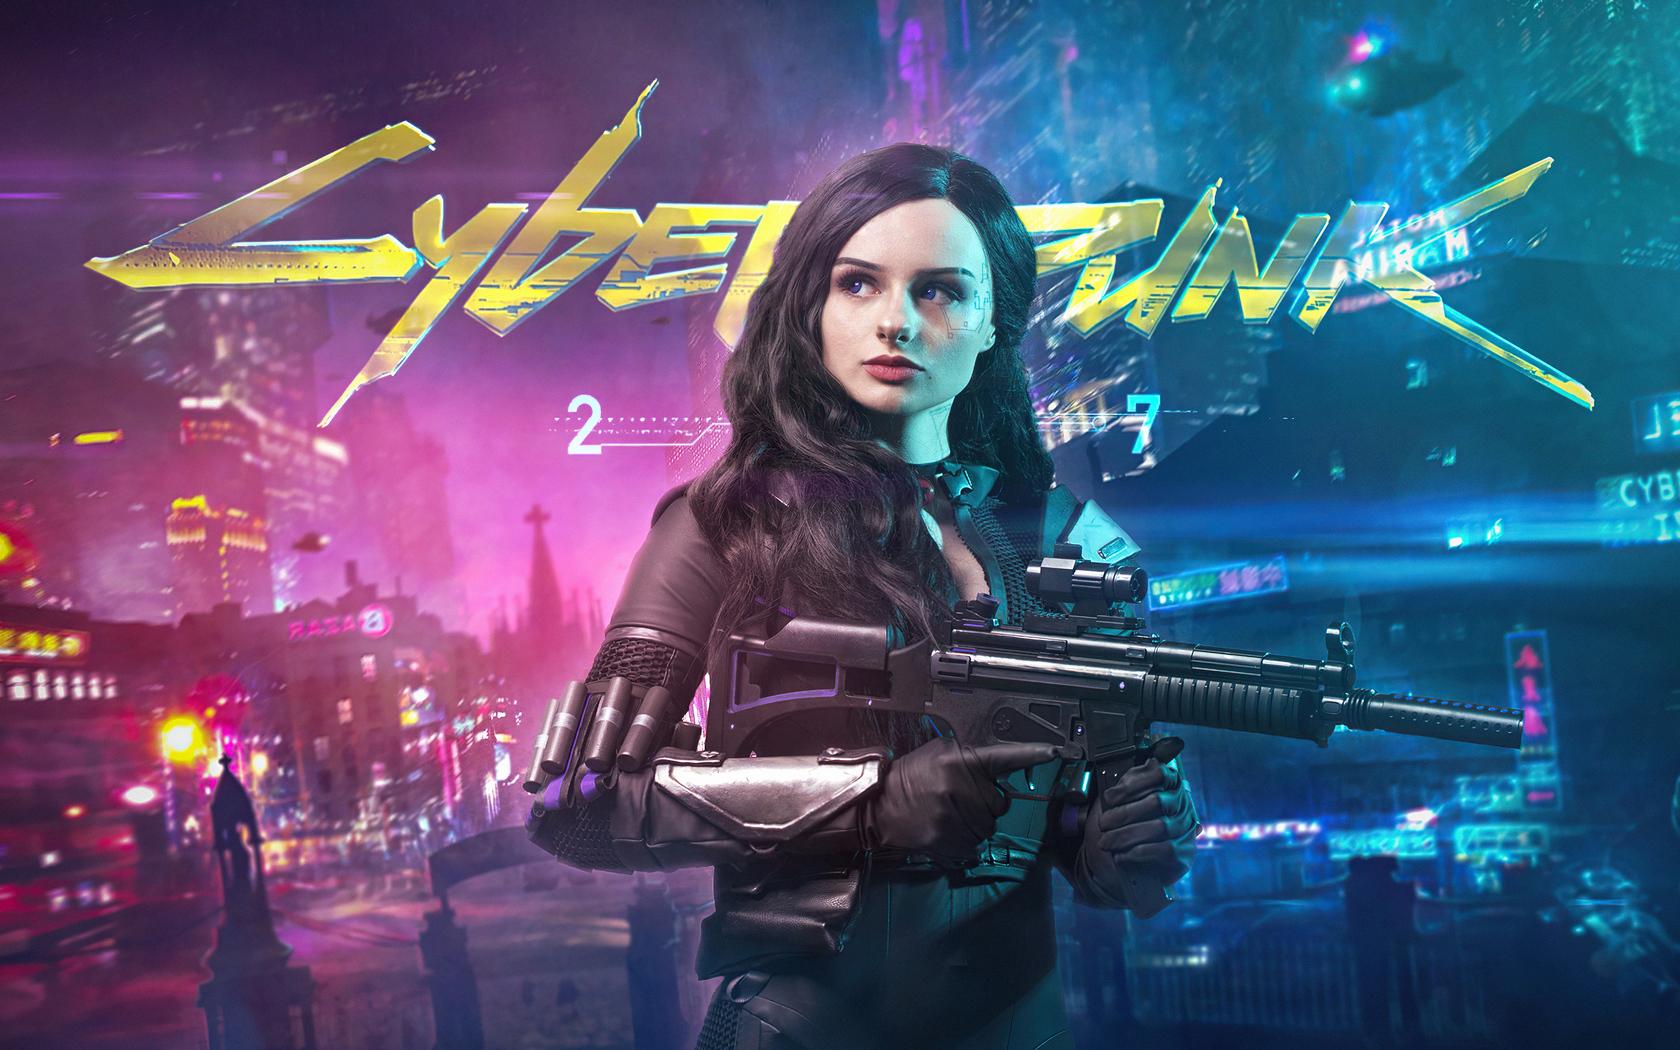 cyberpunk-2077-x-witcher-3-cosplay-4k-cb.jpg